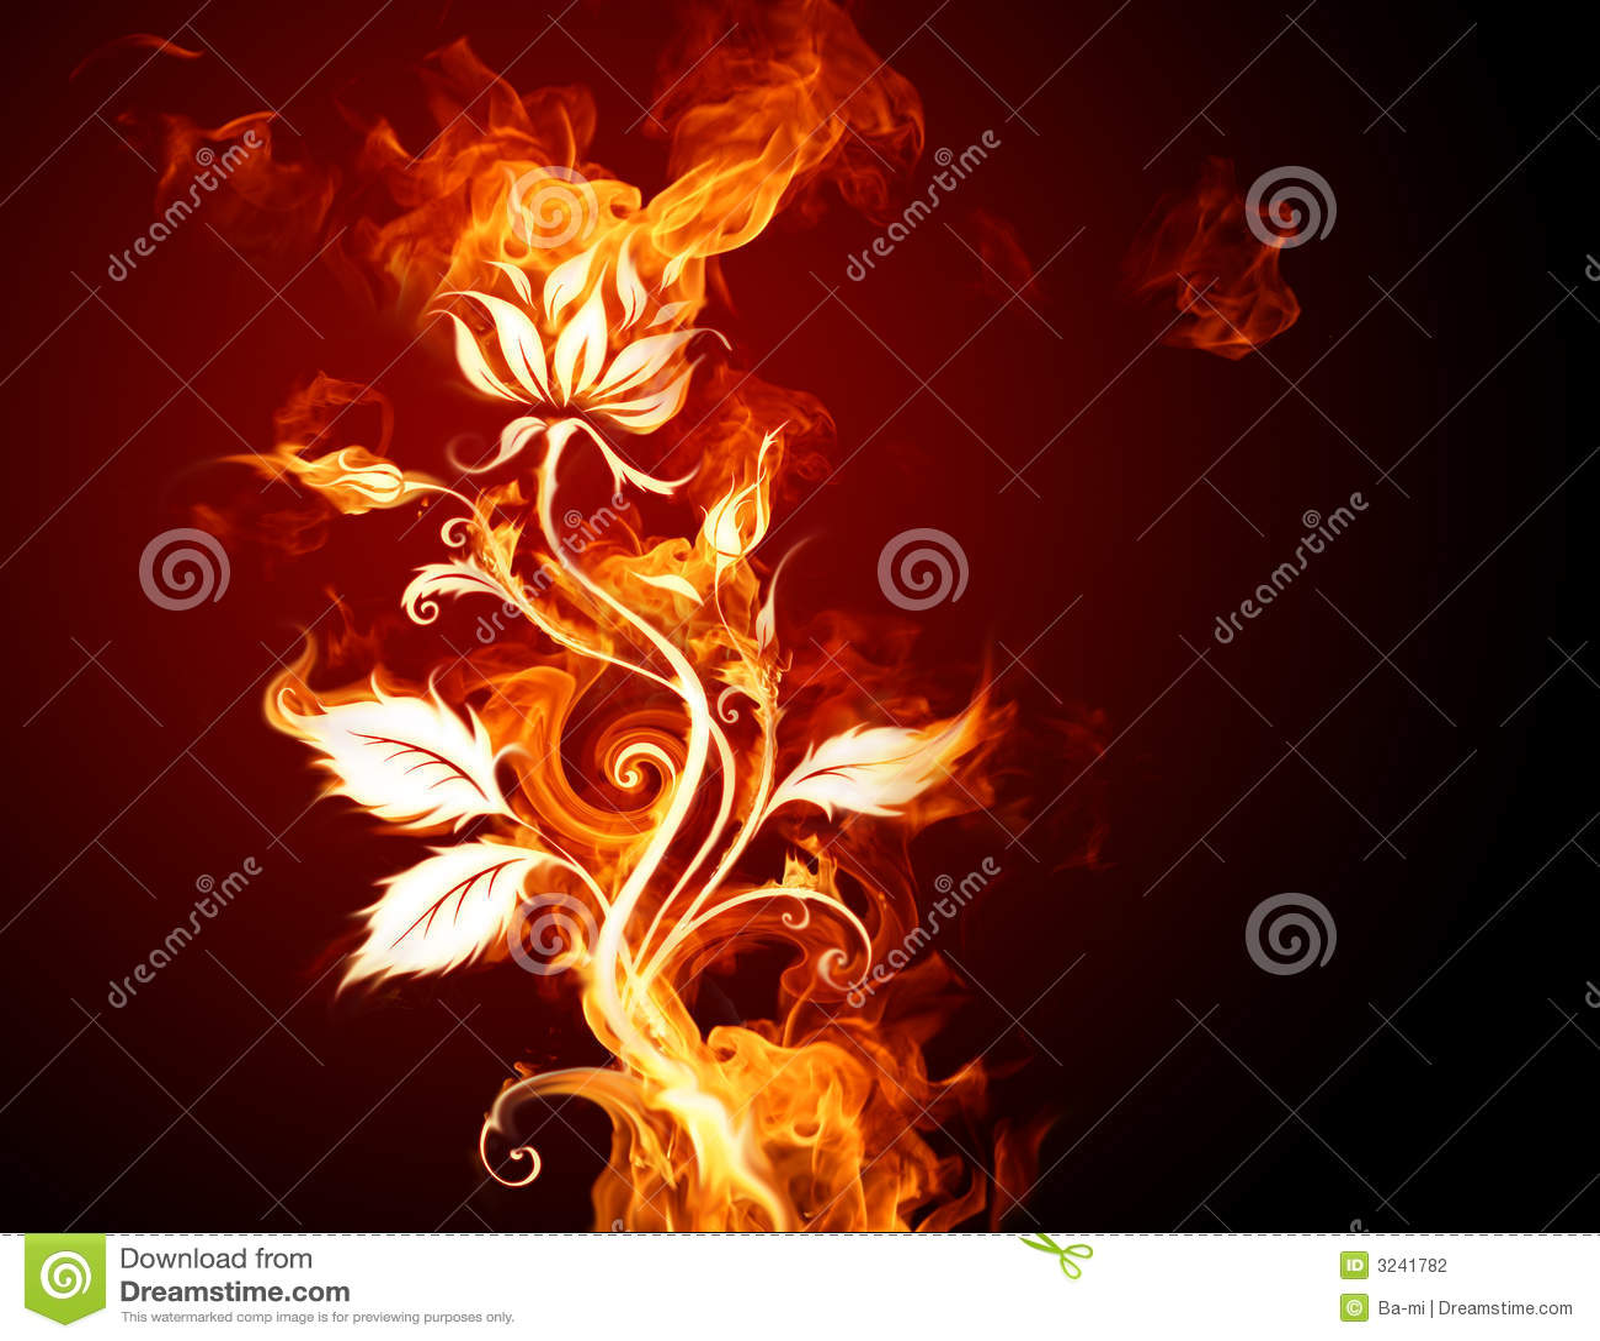 Стоковая фотография горящий цветок